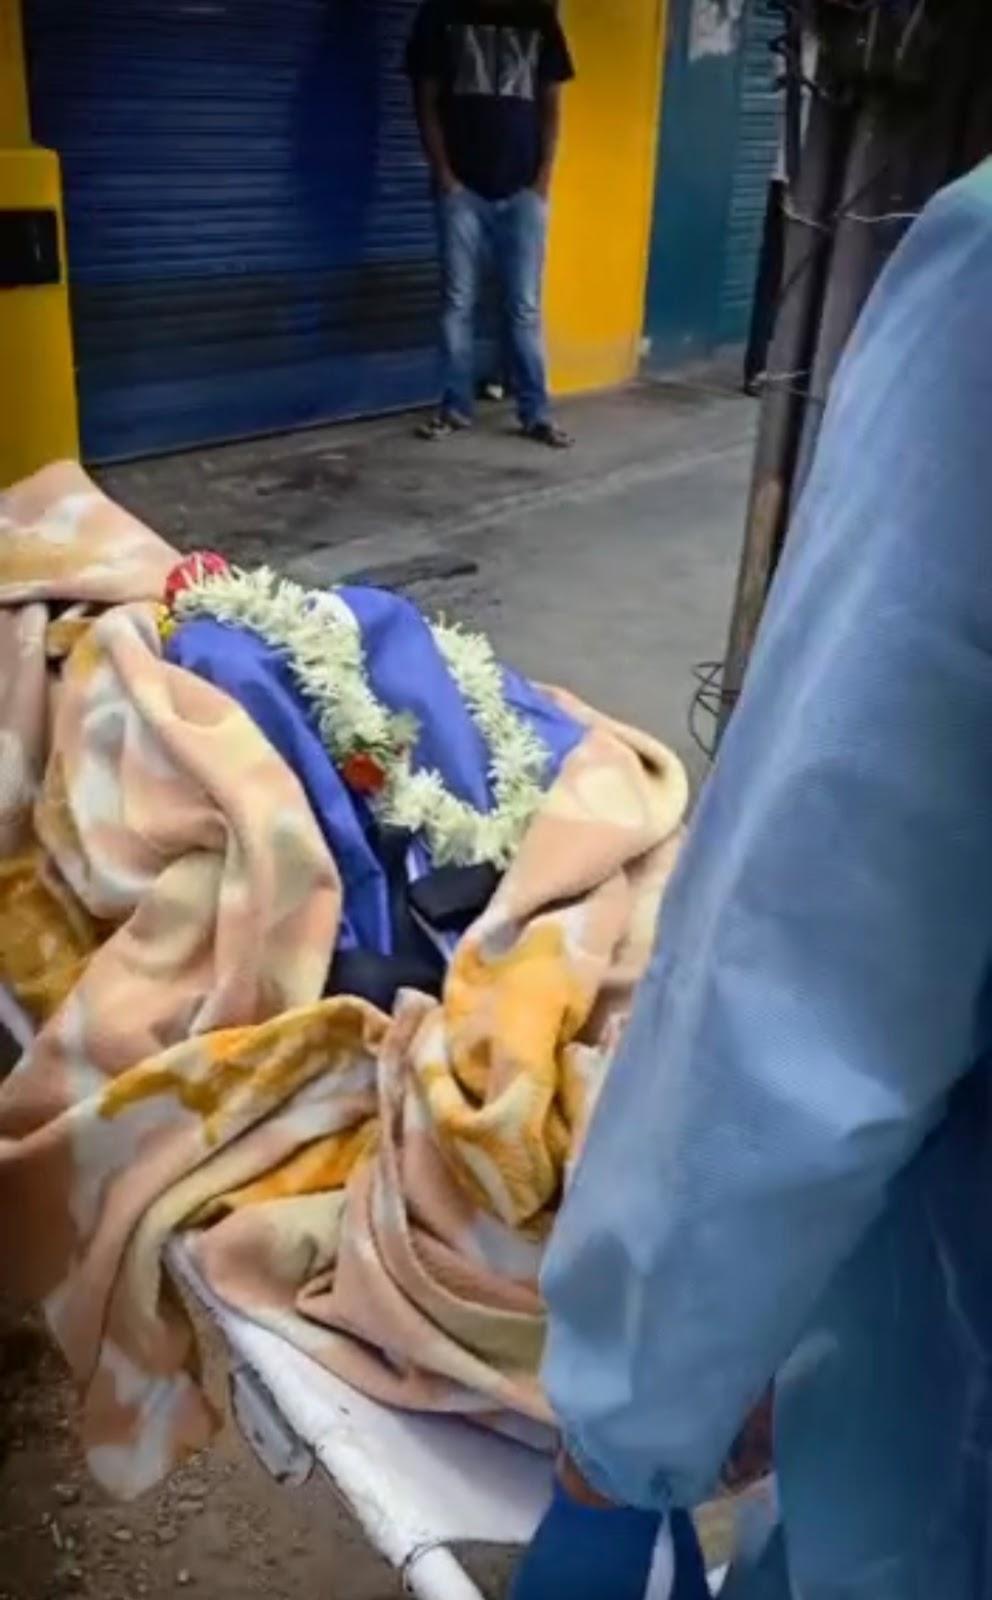 ಇವನೆಂತಾ ಮಗ?: 'ಹೆಣ ನೀವೇ ಸುಟ್ಟುಬಿಡಿ, ಅವರ ಬಳಿ ಇದ್ದ ದುಡ್ಡು ದಾಖಲೆ ತಂದು ಕೊಡಿ': ಸಂಸ್ಕಾರ ಹೀನ ಘಟನೆ ನಡೆದದ್ದು ಎಲ್ಲಿ ಗೊತ್ತಾ? (Video ನೋಡಿ)